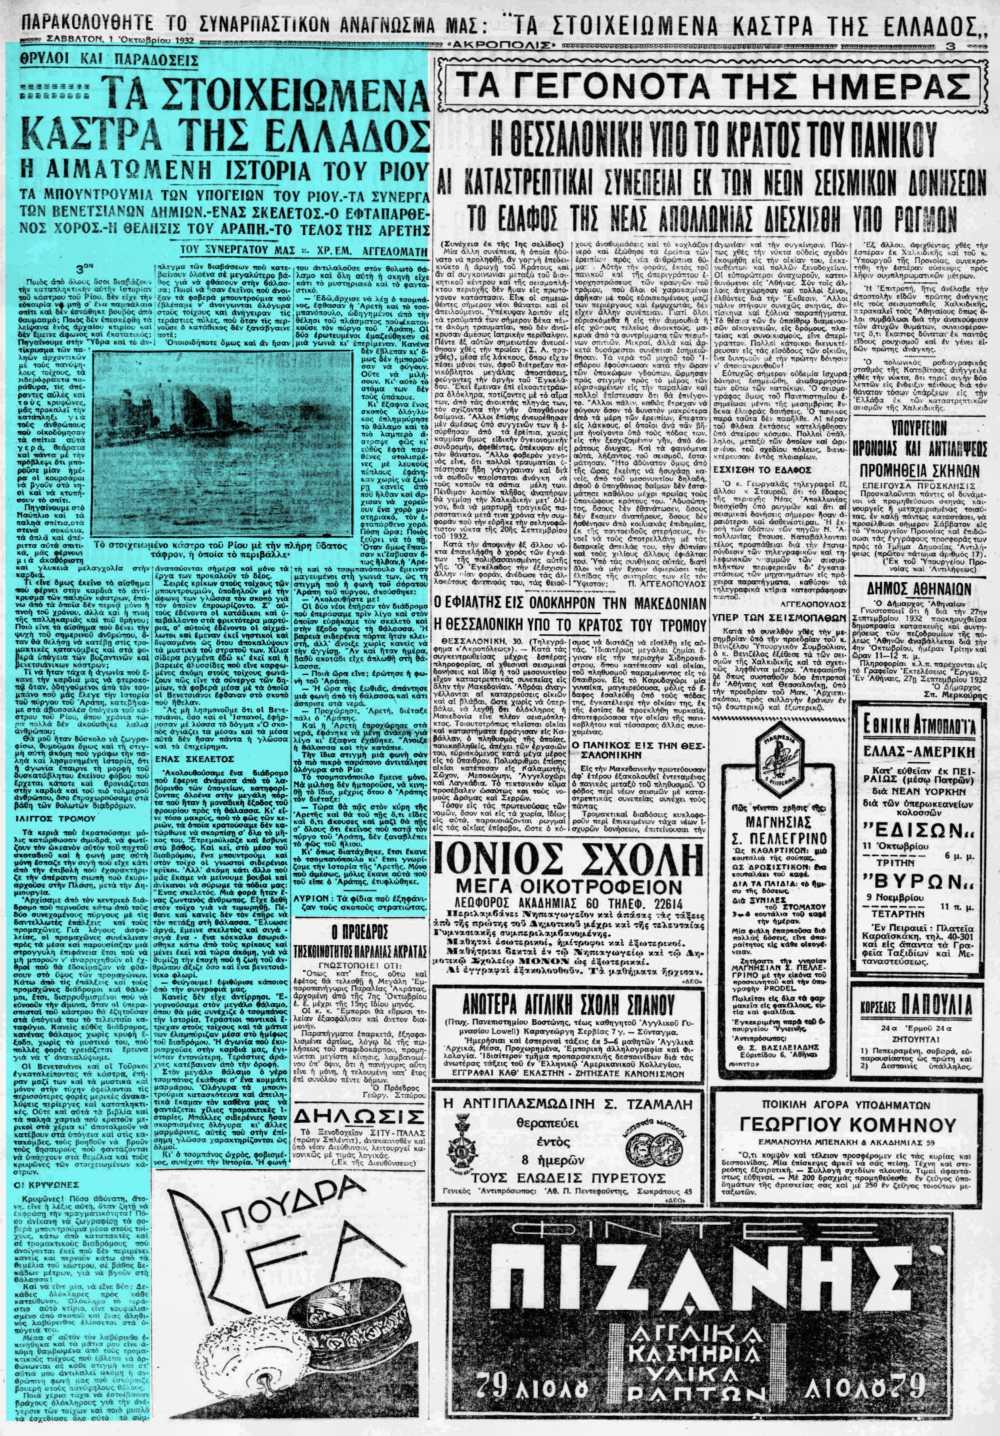 """Το άρθρο, όπως δημοσιεύθηκε στην εφημερίδα """"ΑΚΡΟΠΟΛΙΣ"""", στις 01/10/1932"""